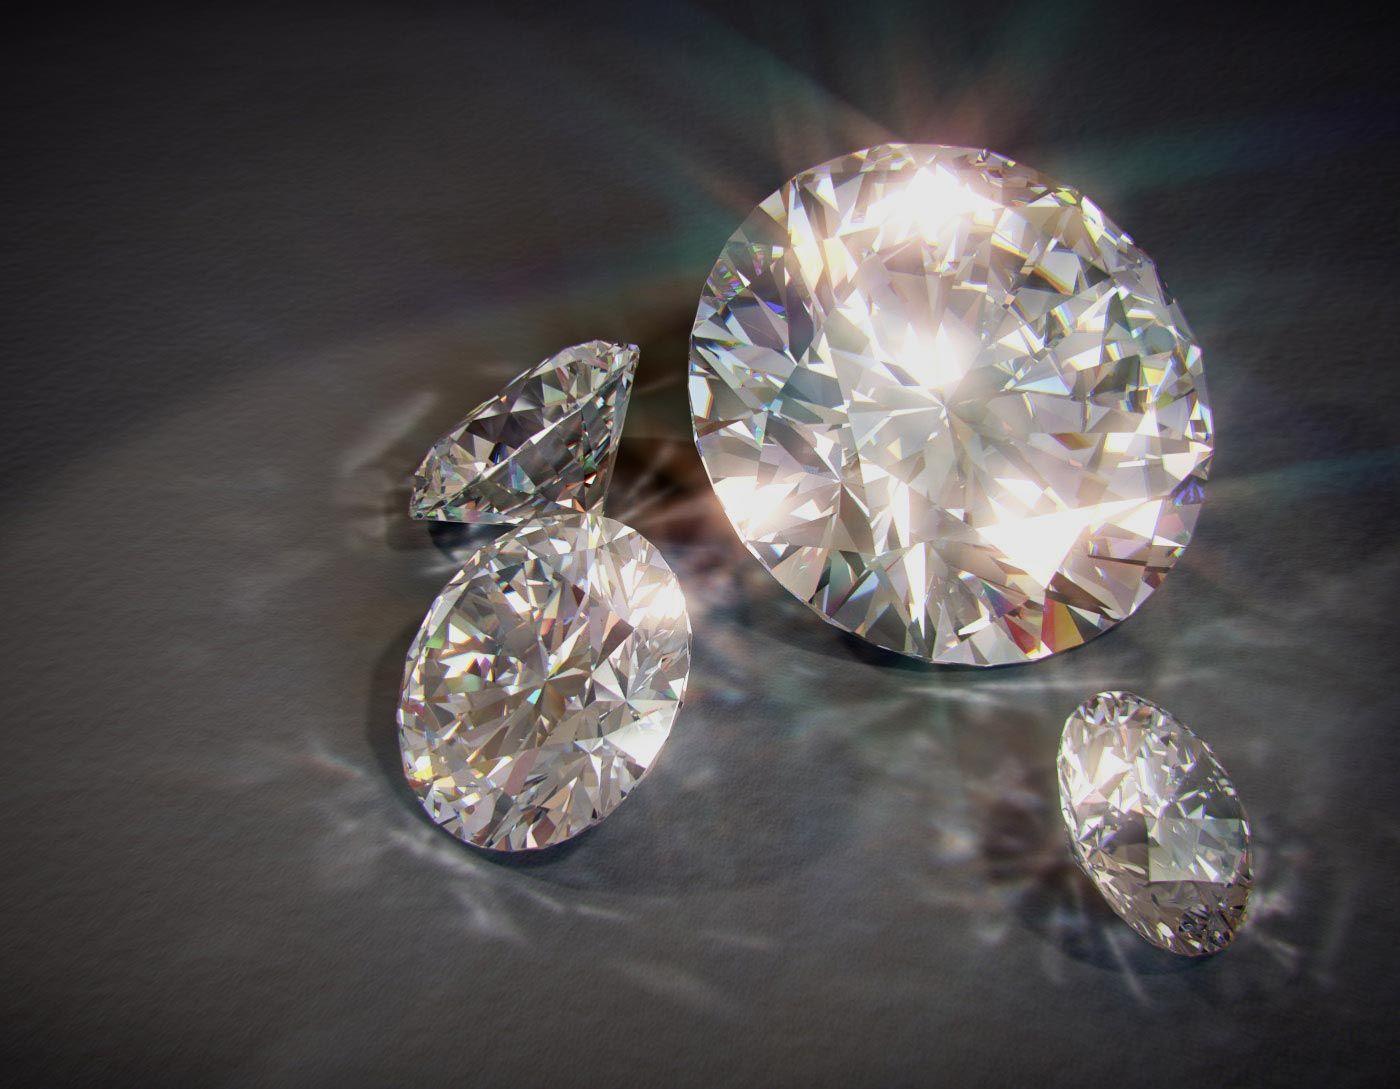 Diamanten - Light Dispersion Shader, mental ray